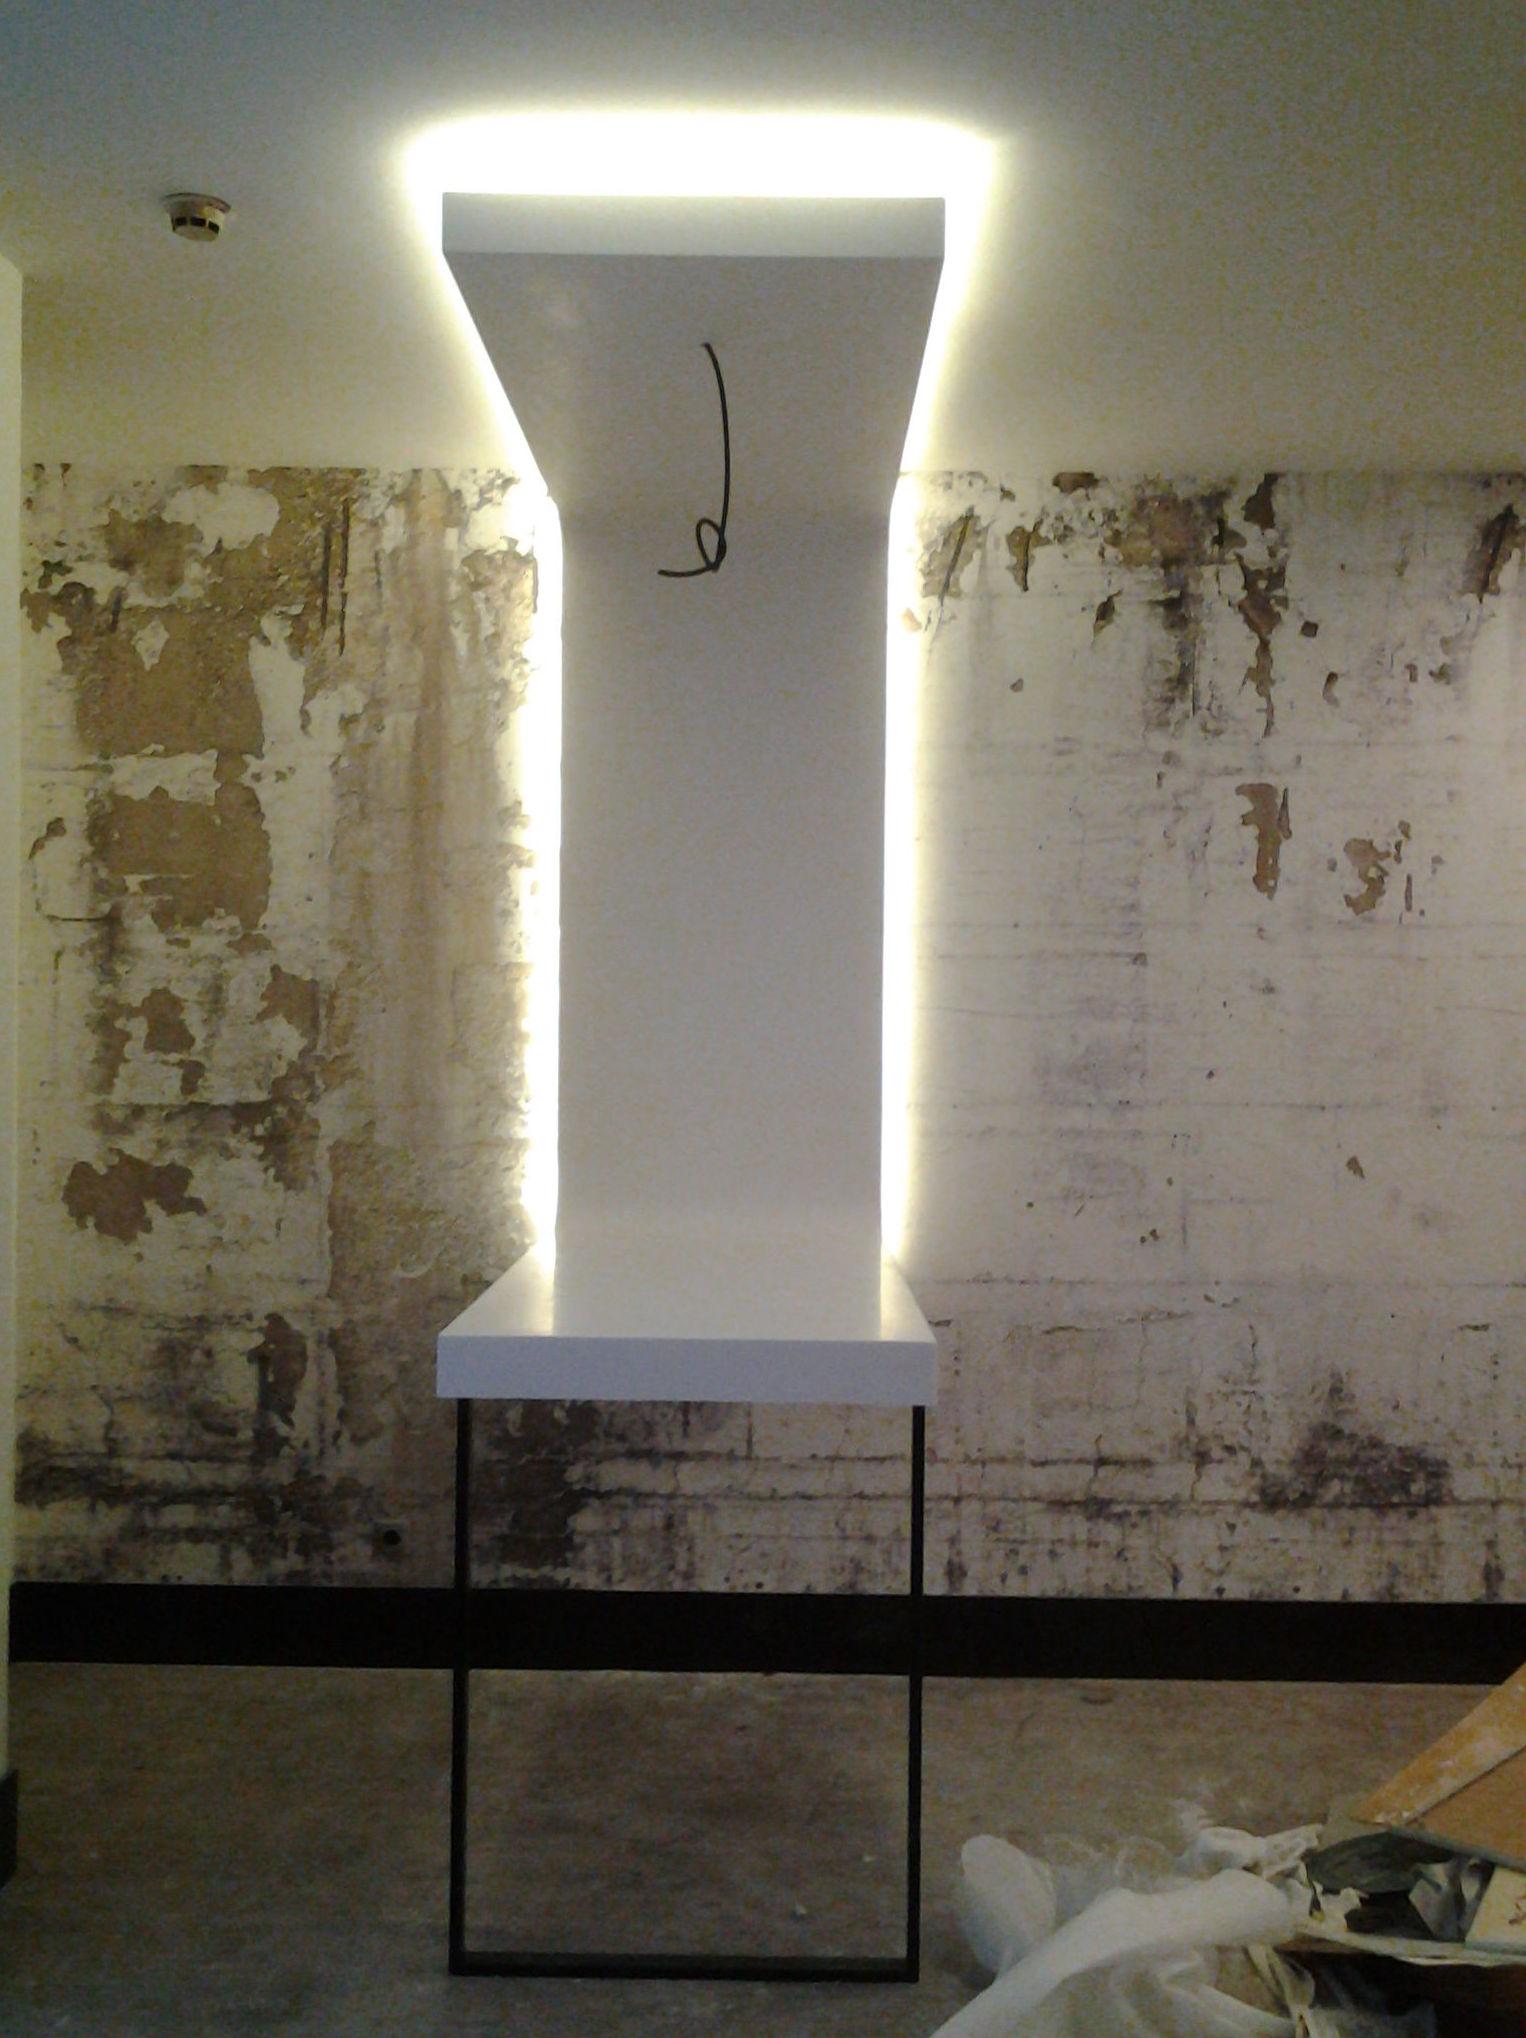 Foto 27 de Muebles y decoración en Leganés | Esteco Decoración